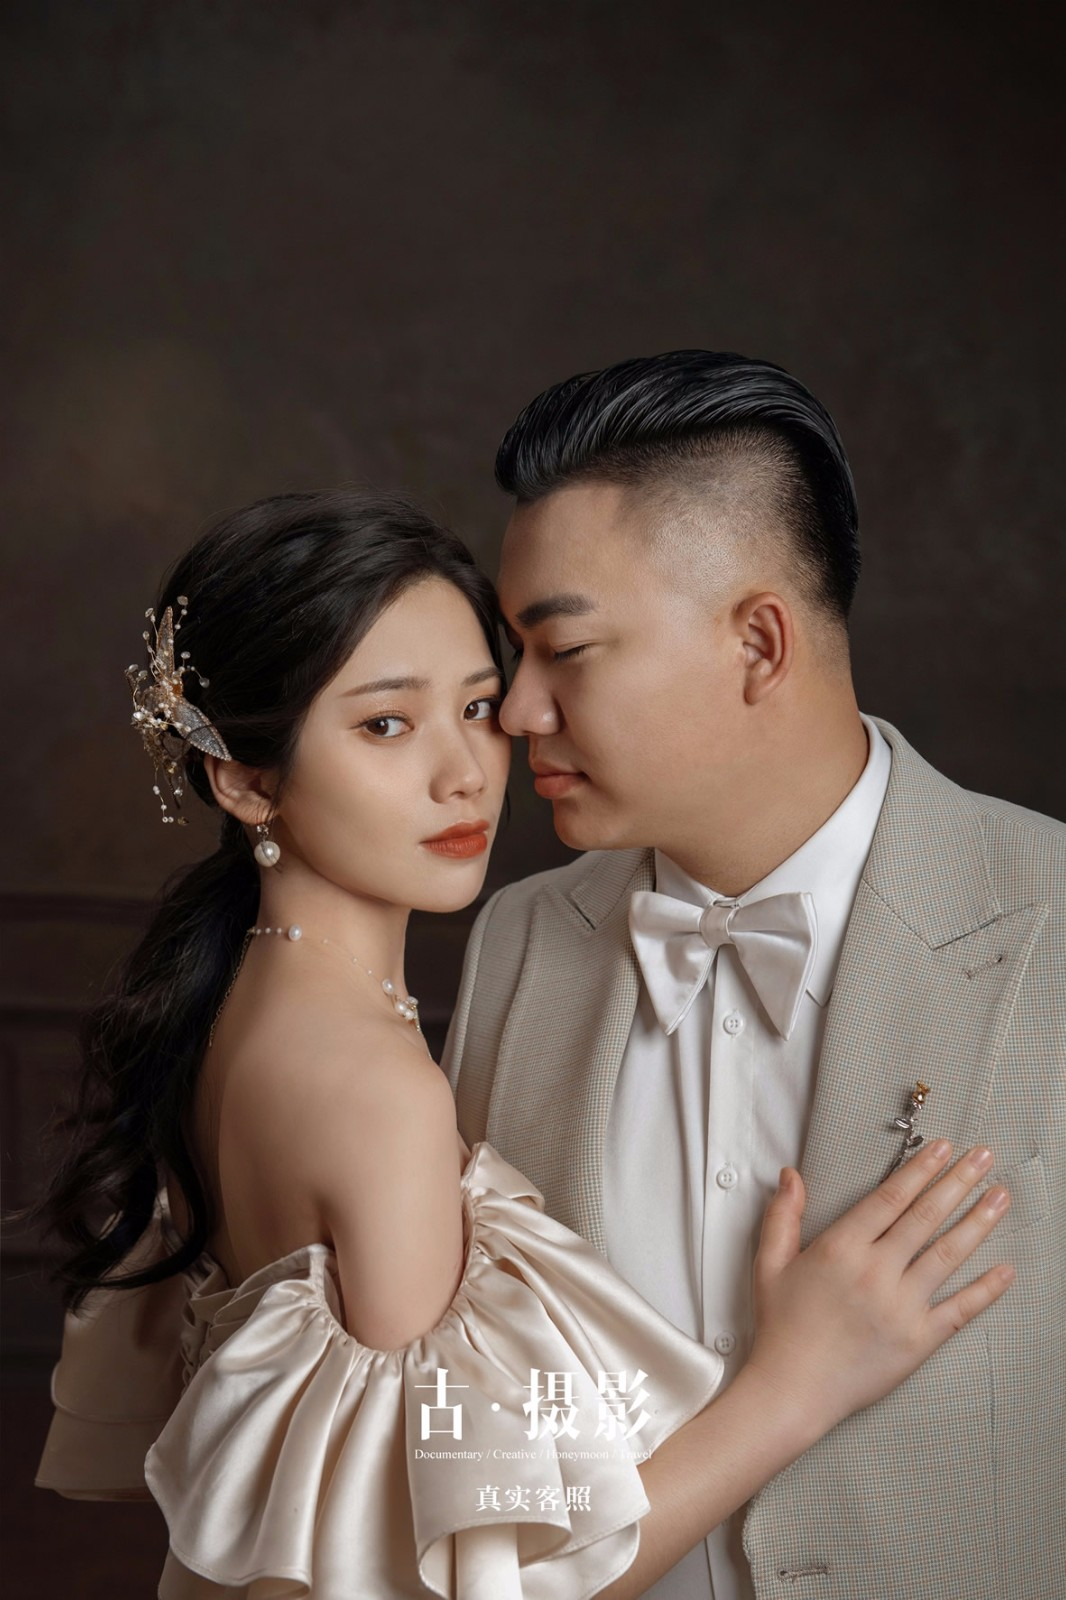 陈先生 官小姐 - 每日客照 - 广州婚纱摄影-广州古摄影官网